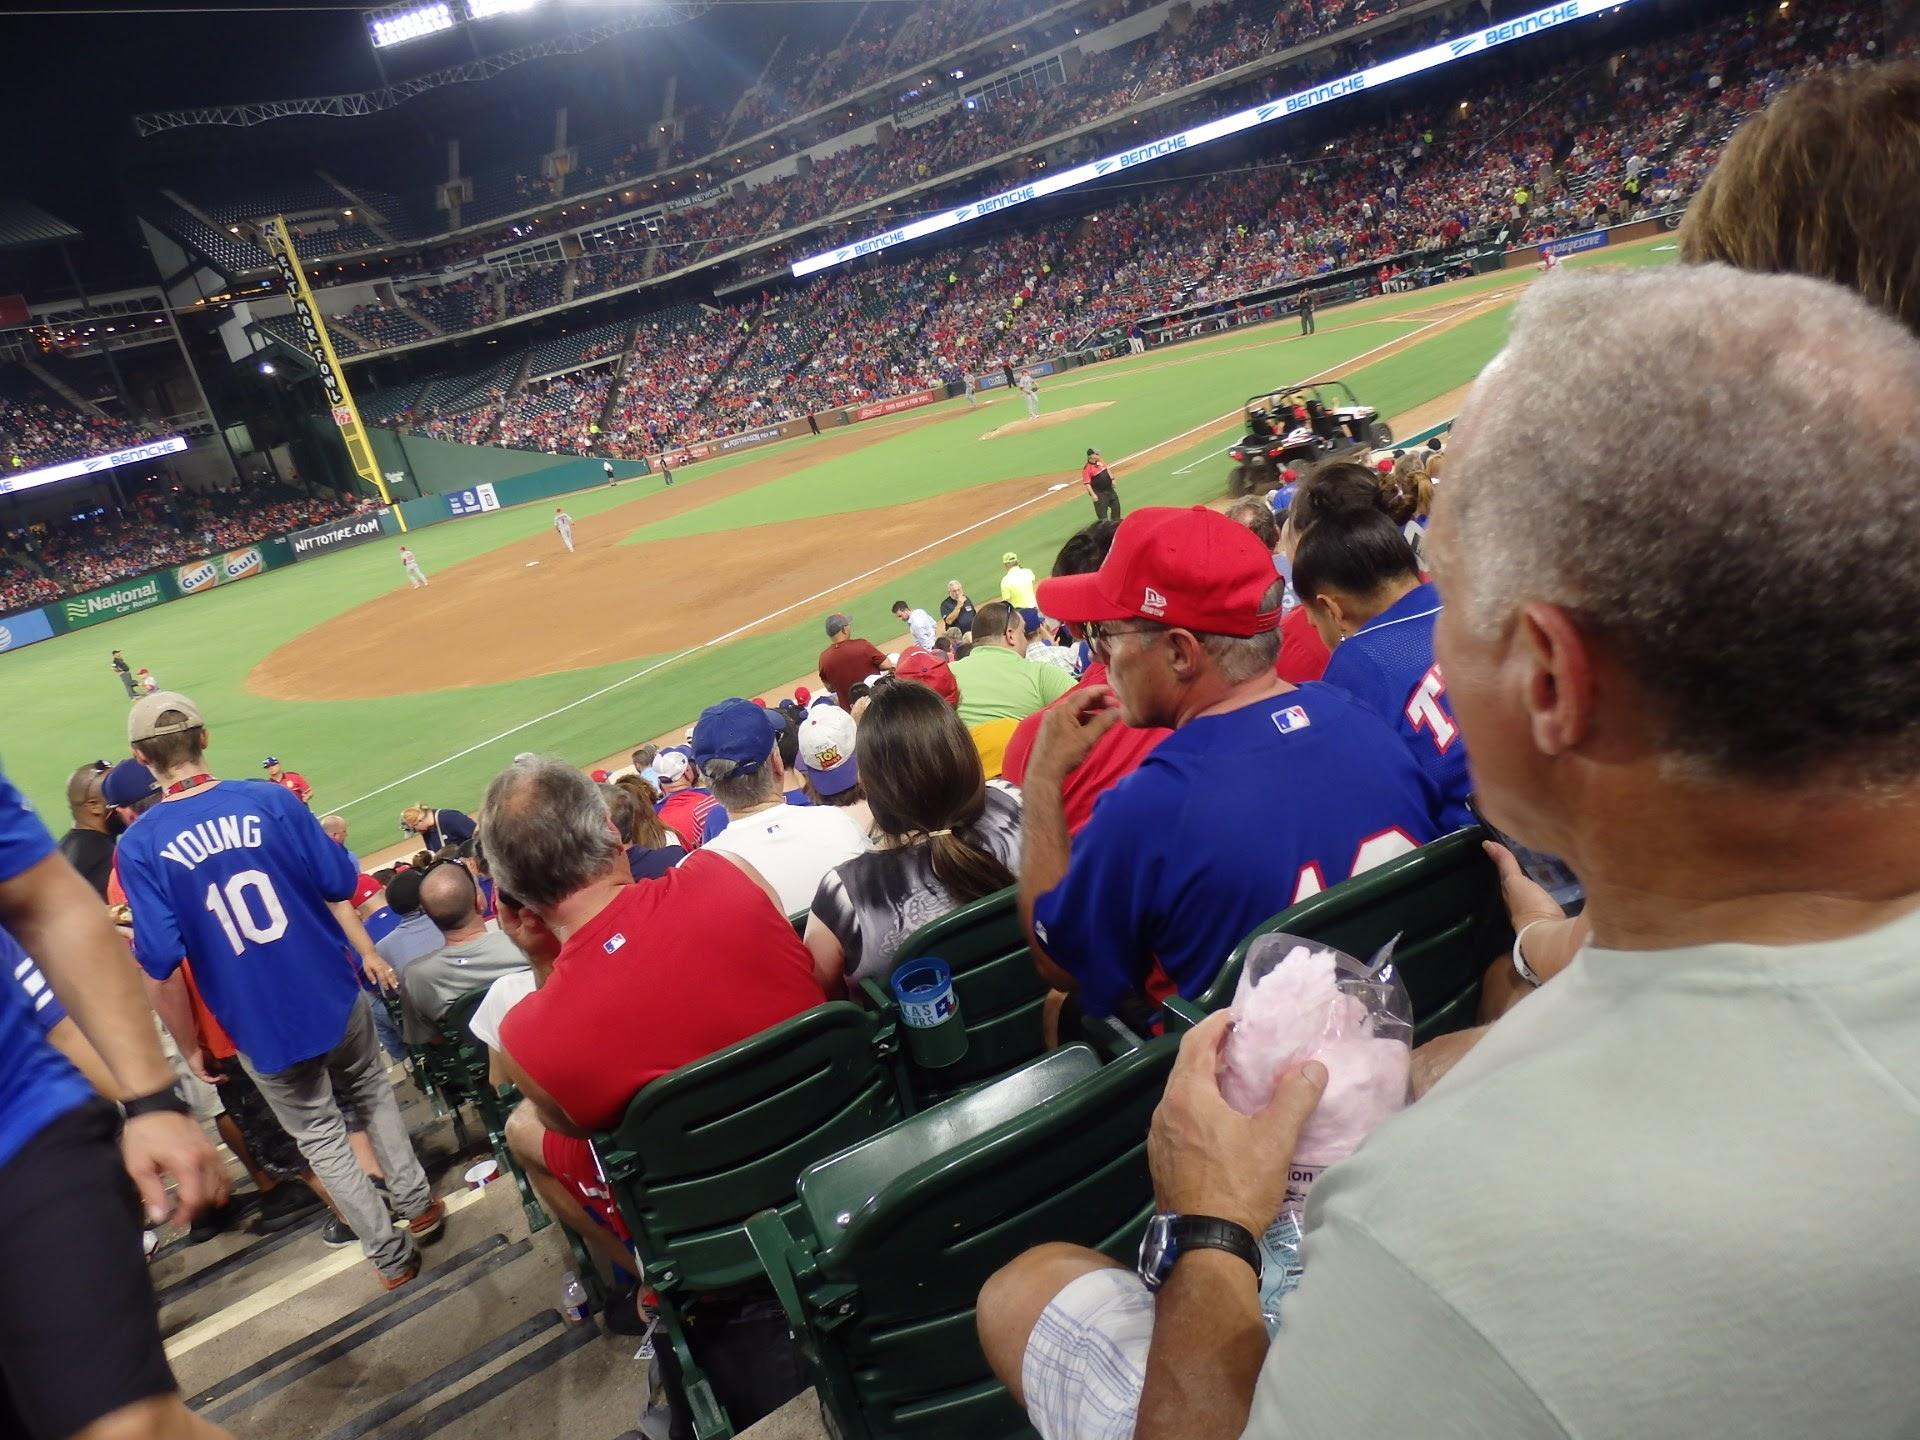 綿あめを手に野球を見るバンプ